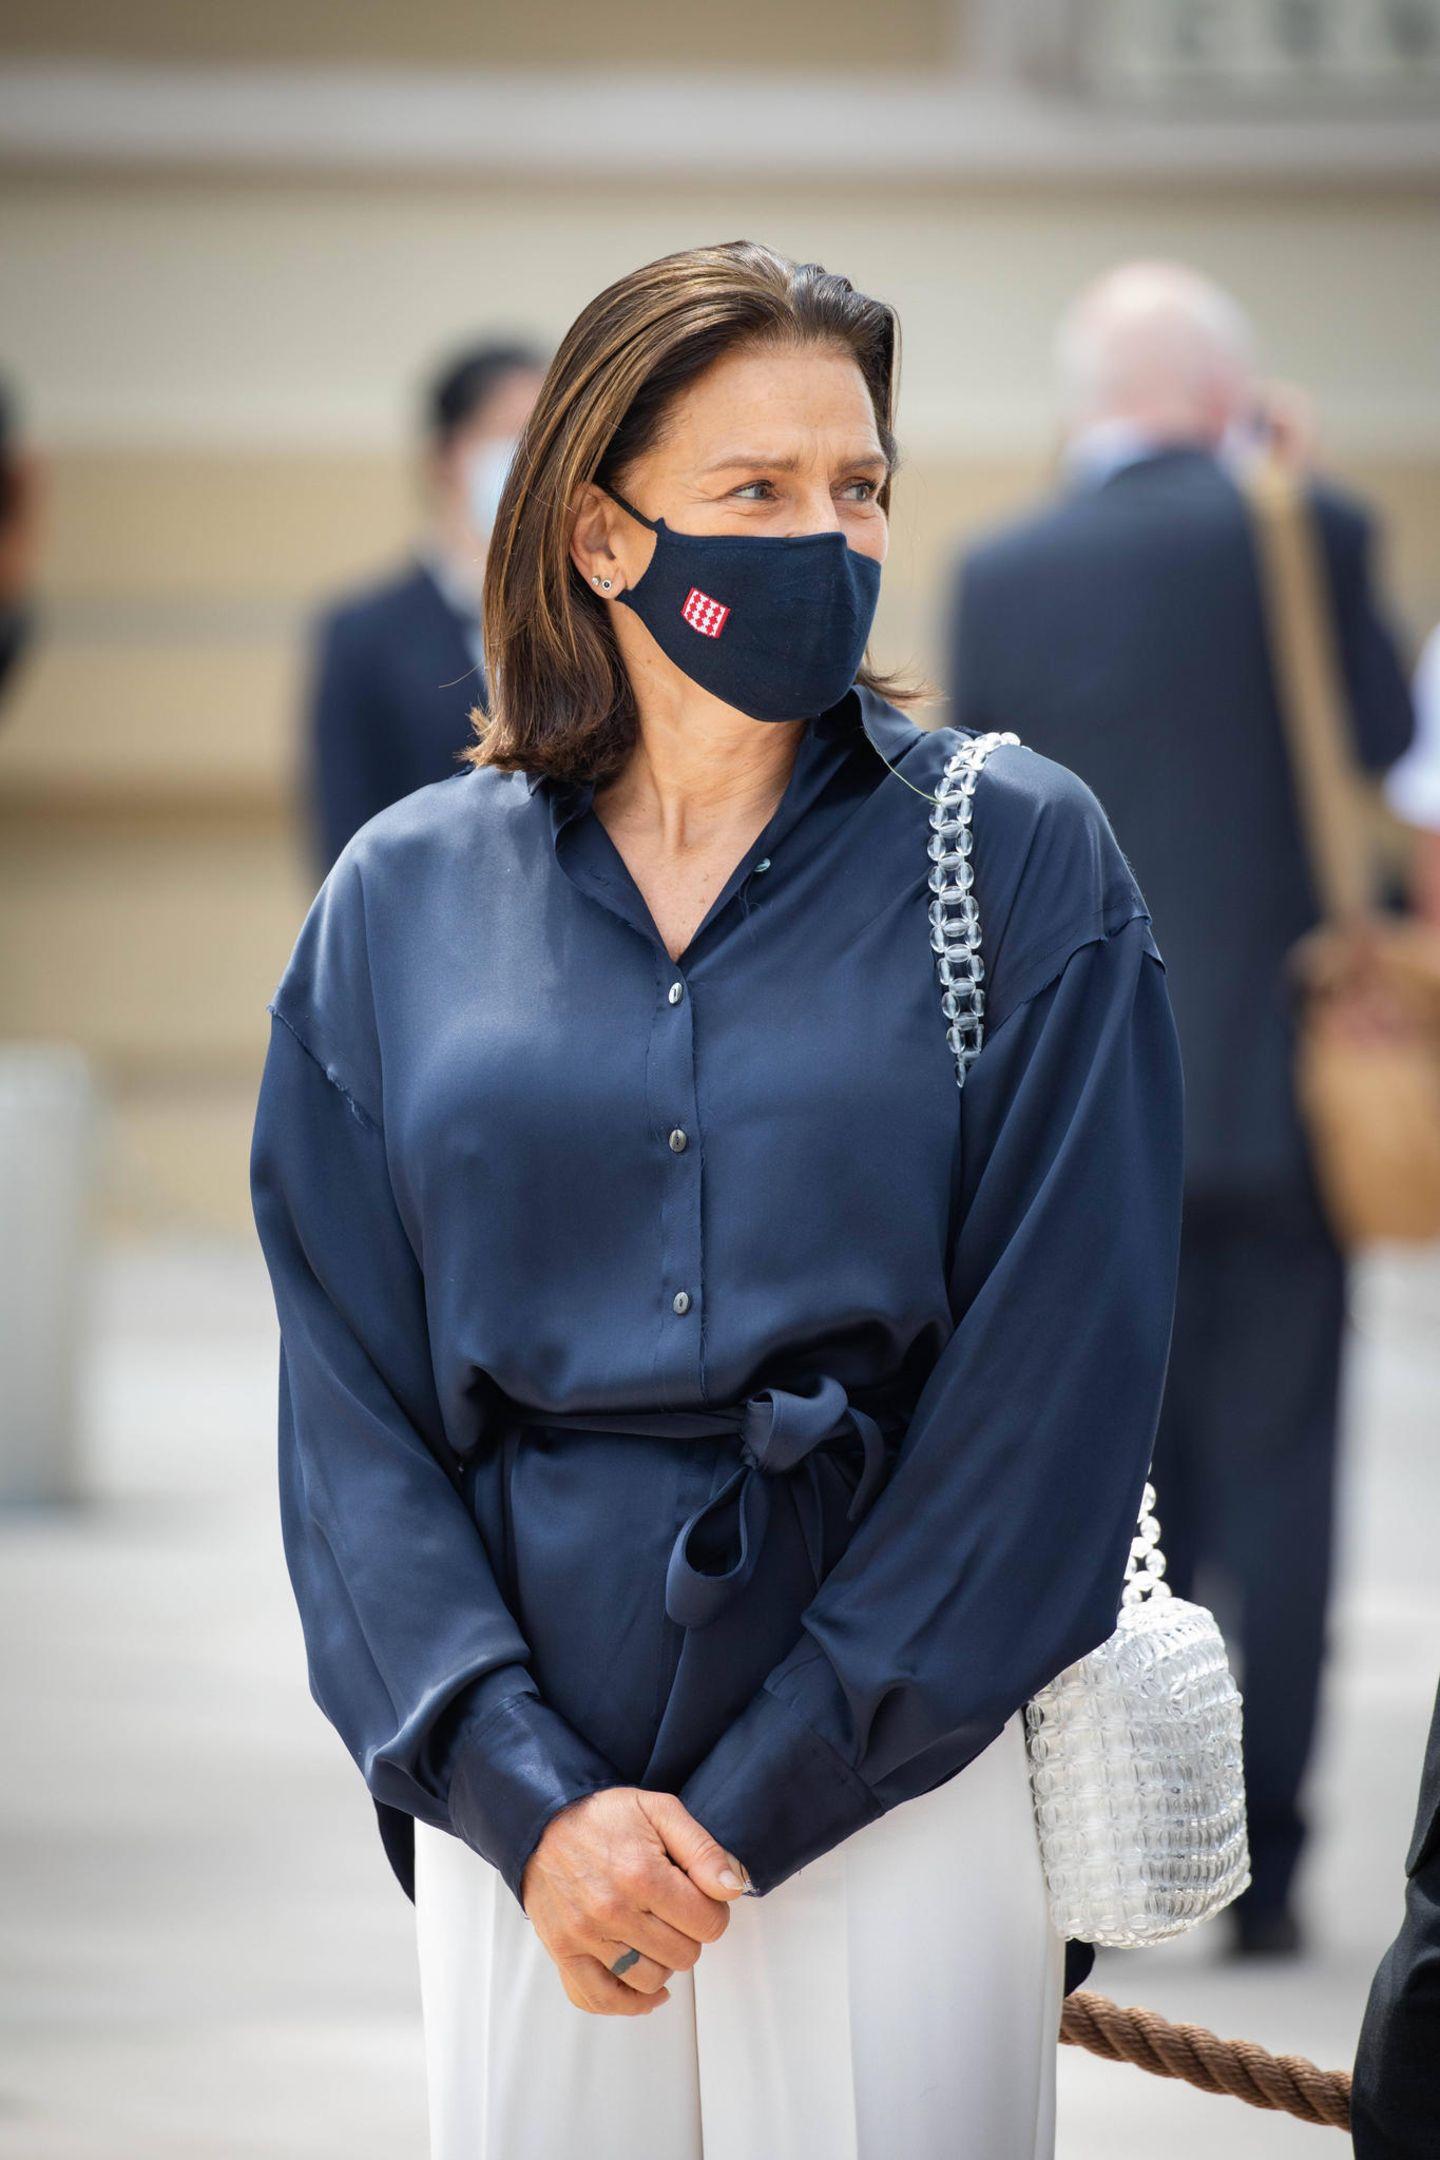 Ob hier der Mund- und Nasenschutz auf die Bluse abgestimmt wurde, oder anders herum? Prinzessin Stéphanie trägt einen luftigen Look aus lockerer dunkelblauer Bluse und cremefarbener Hose. Besonderer Hingucker ist ihre durchsichtige Tasche von Chanel, die sie sich lässig über die Schulter gehangen hat.